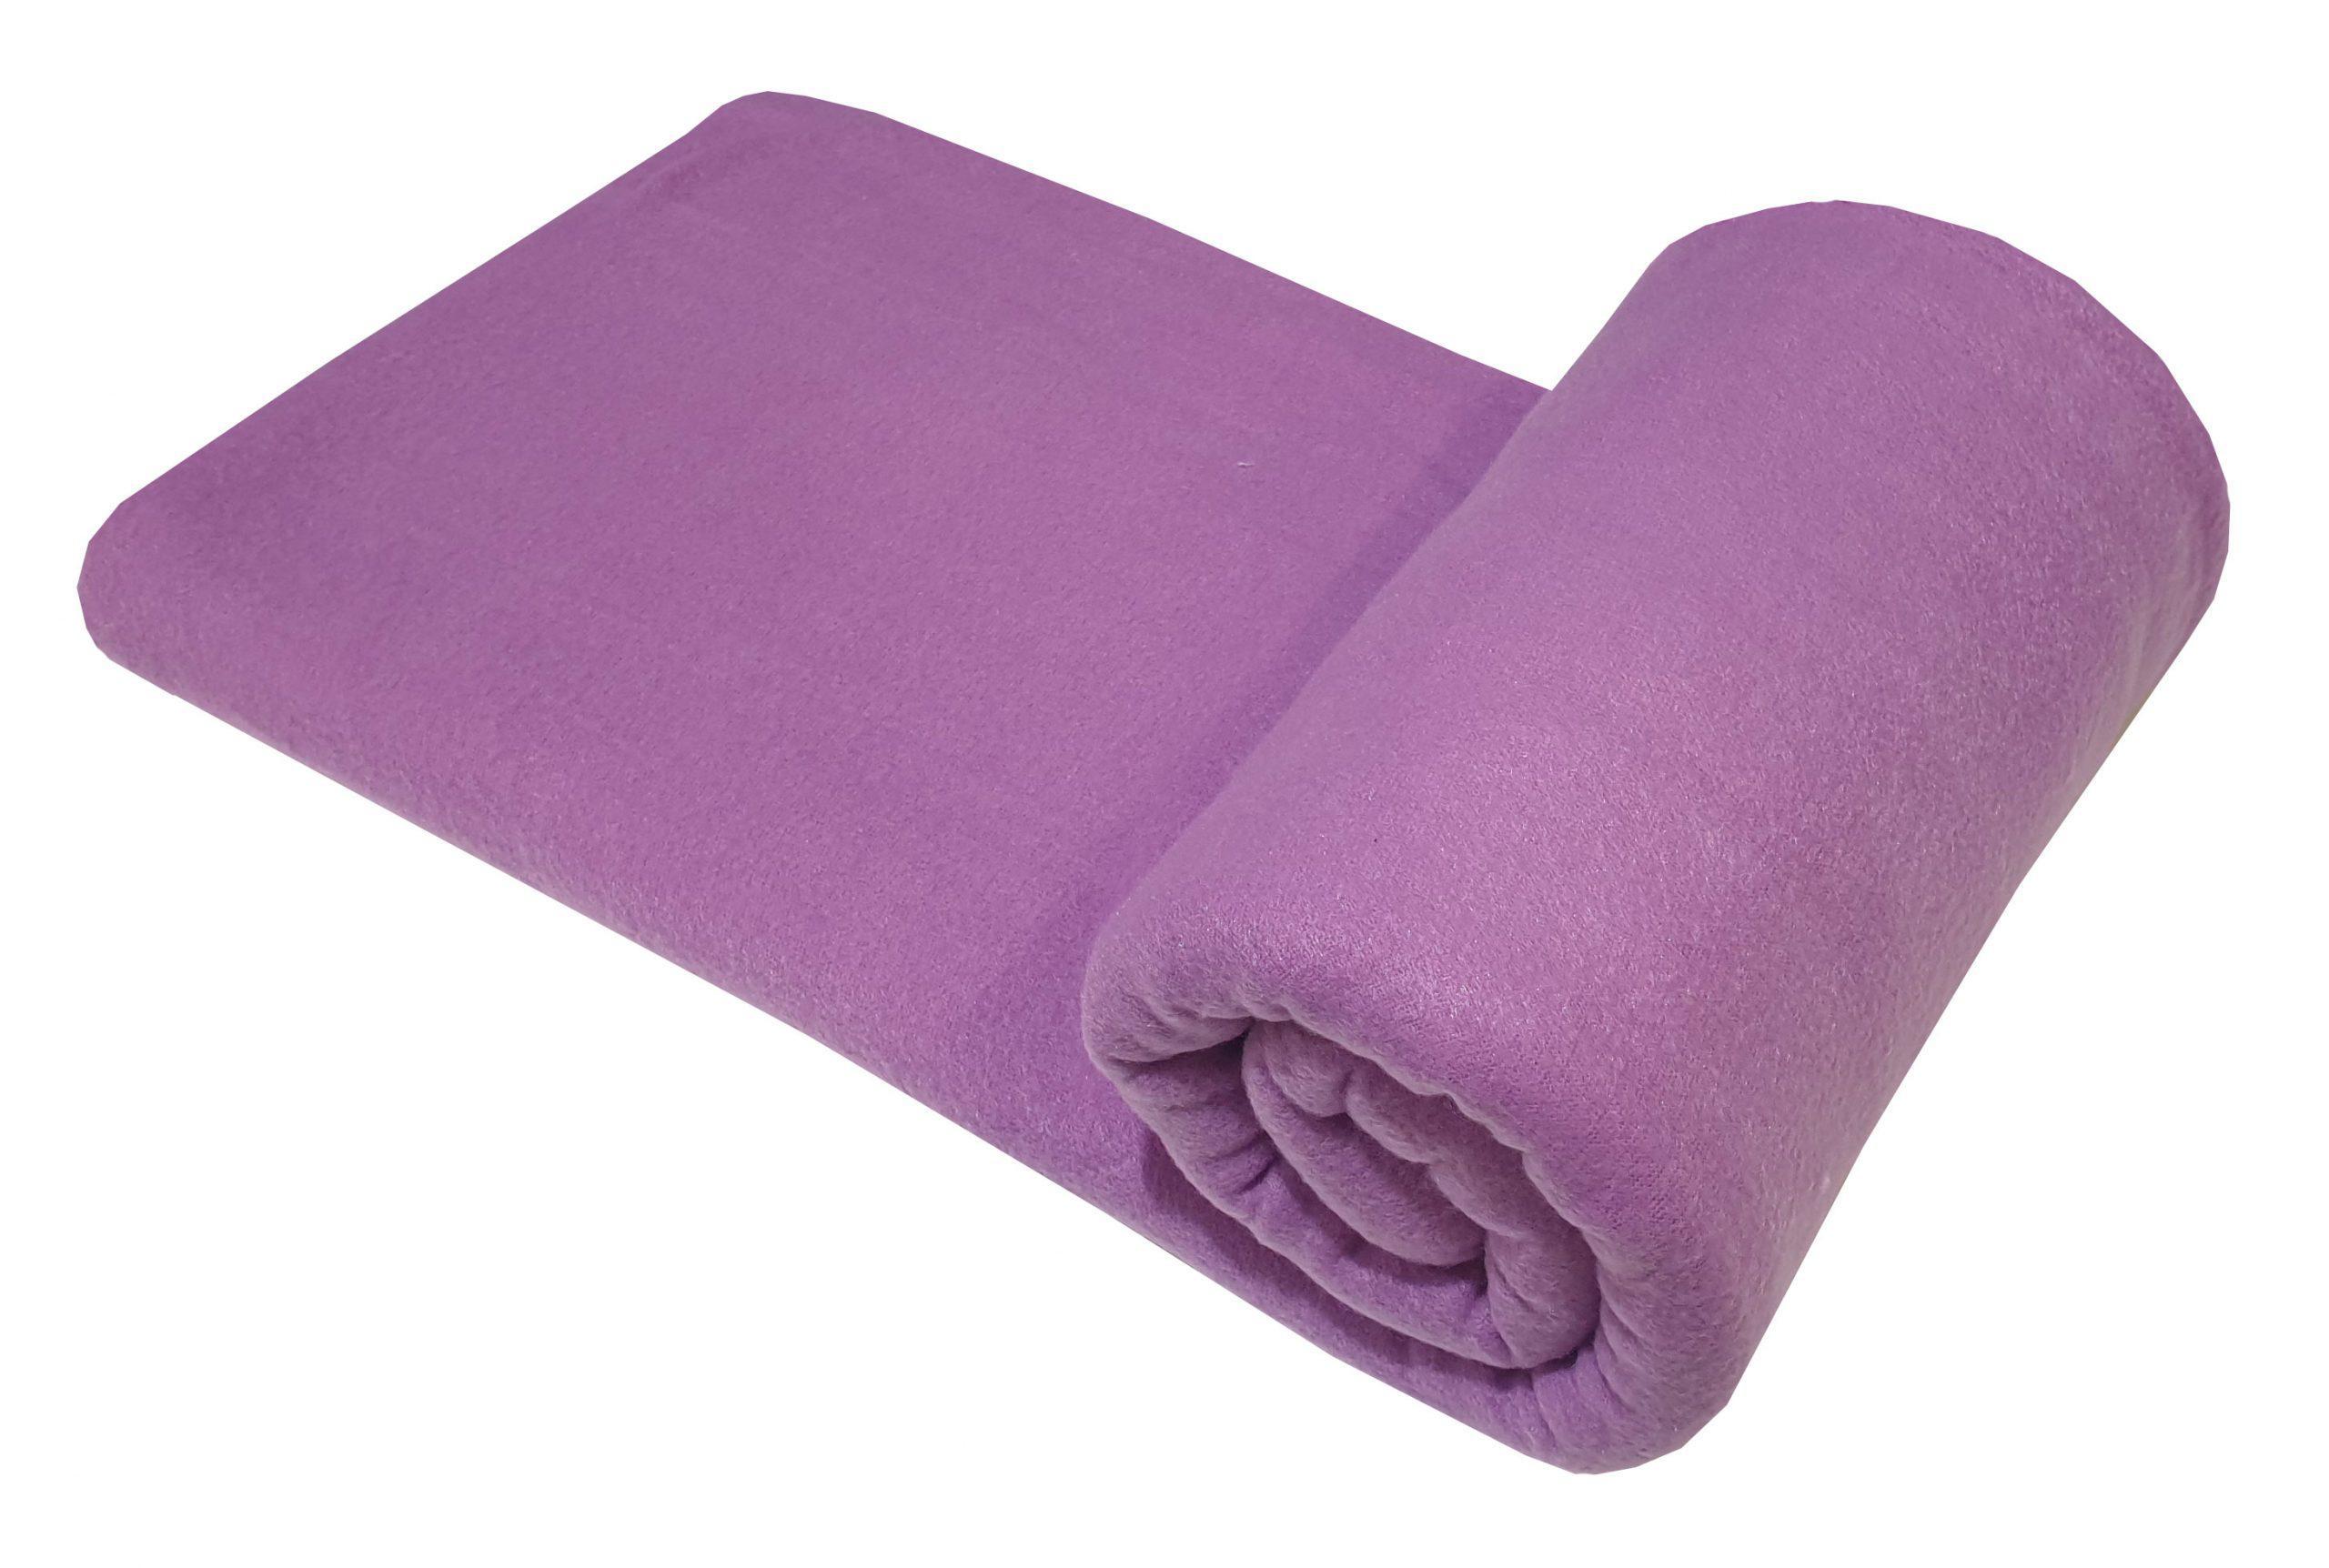 Κουβέρτα ΚΟΜΒΟΣ Fleece 100% Polyester 180gr Μονή Lilac 150×220